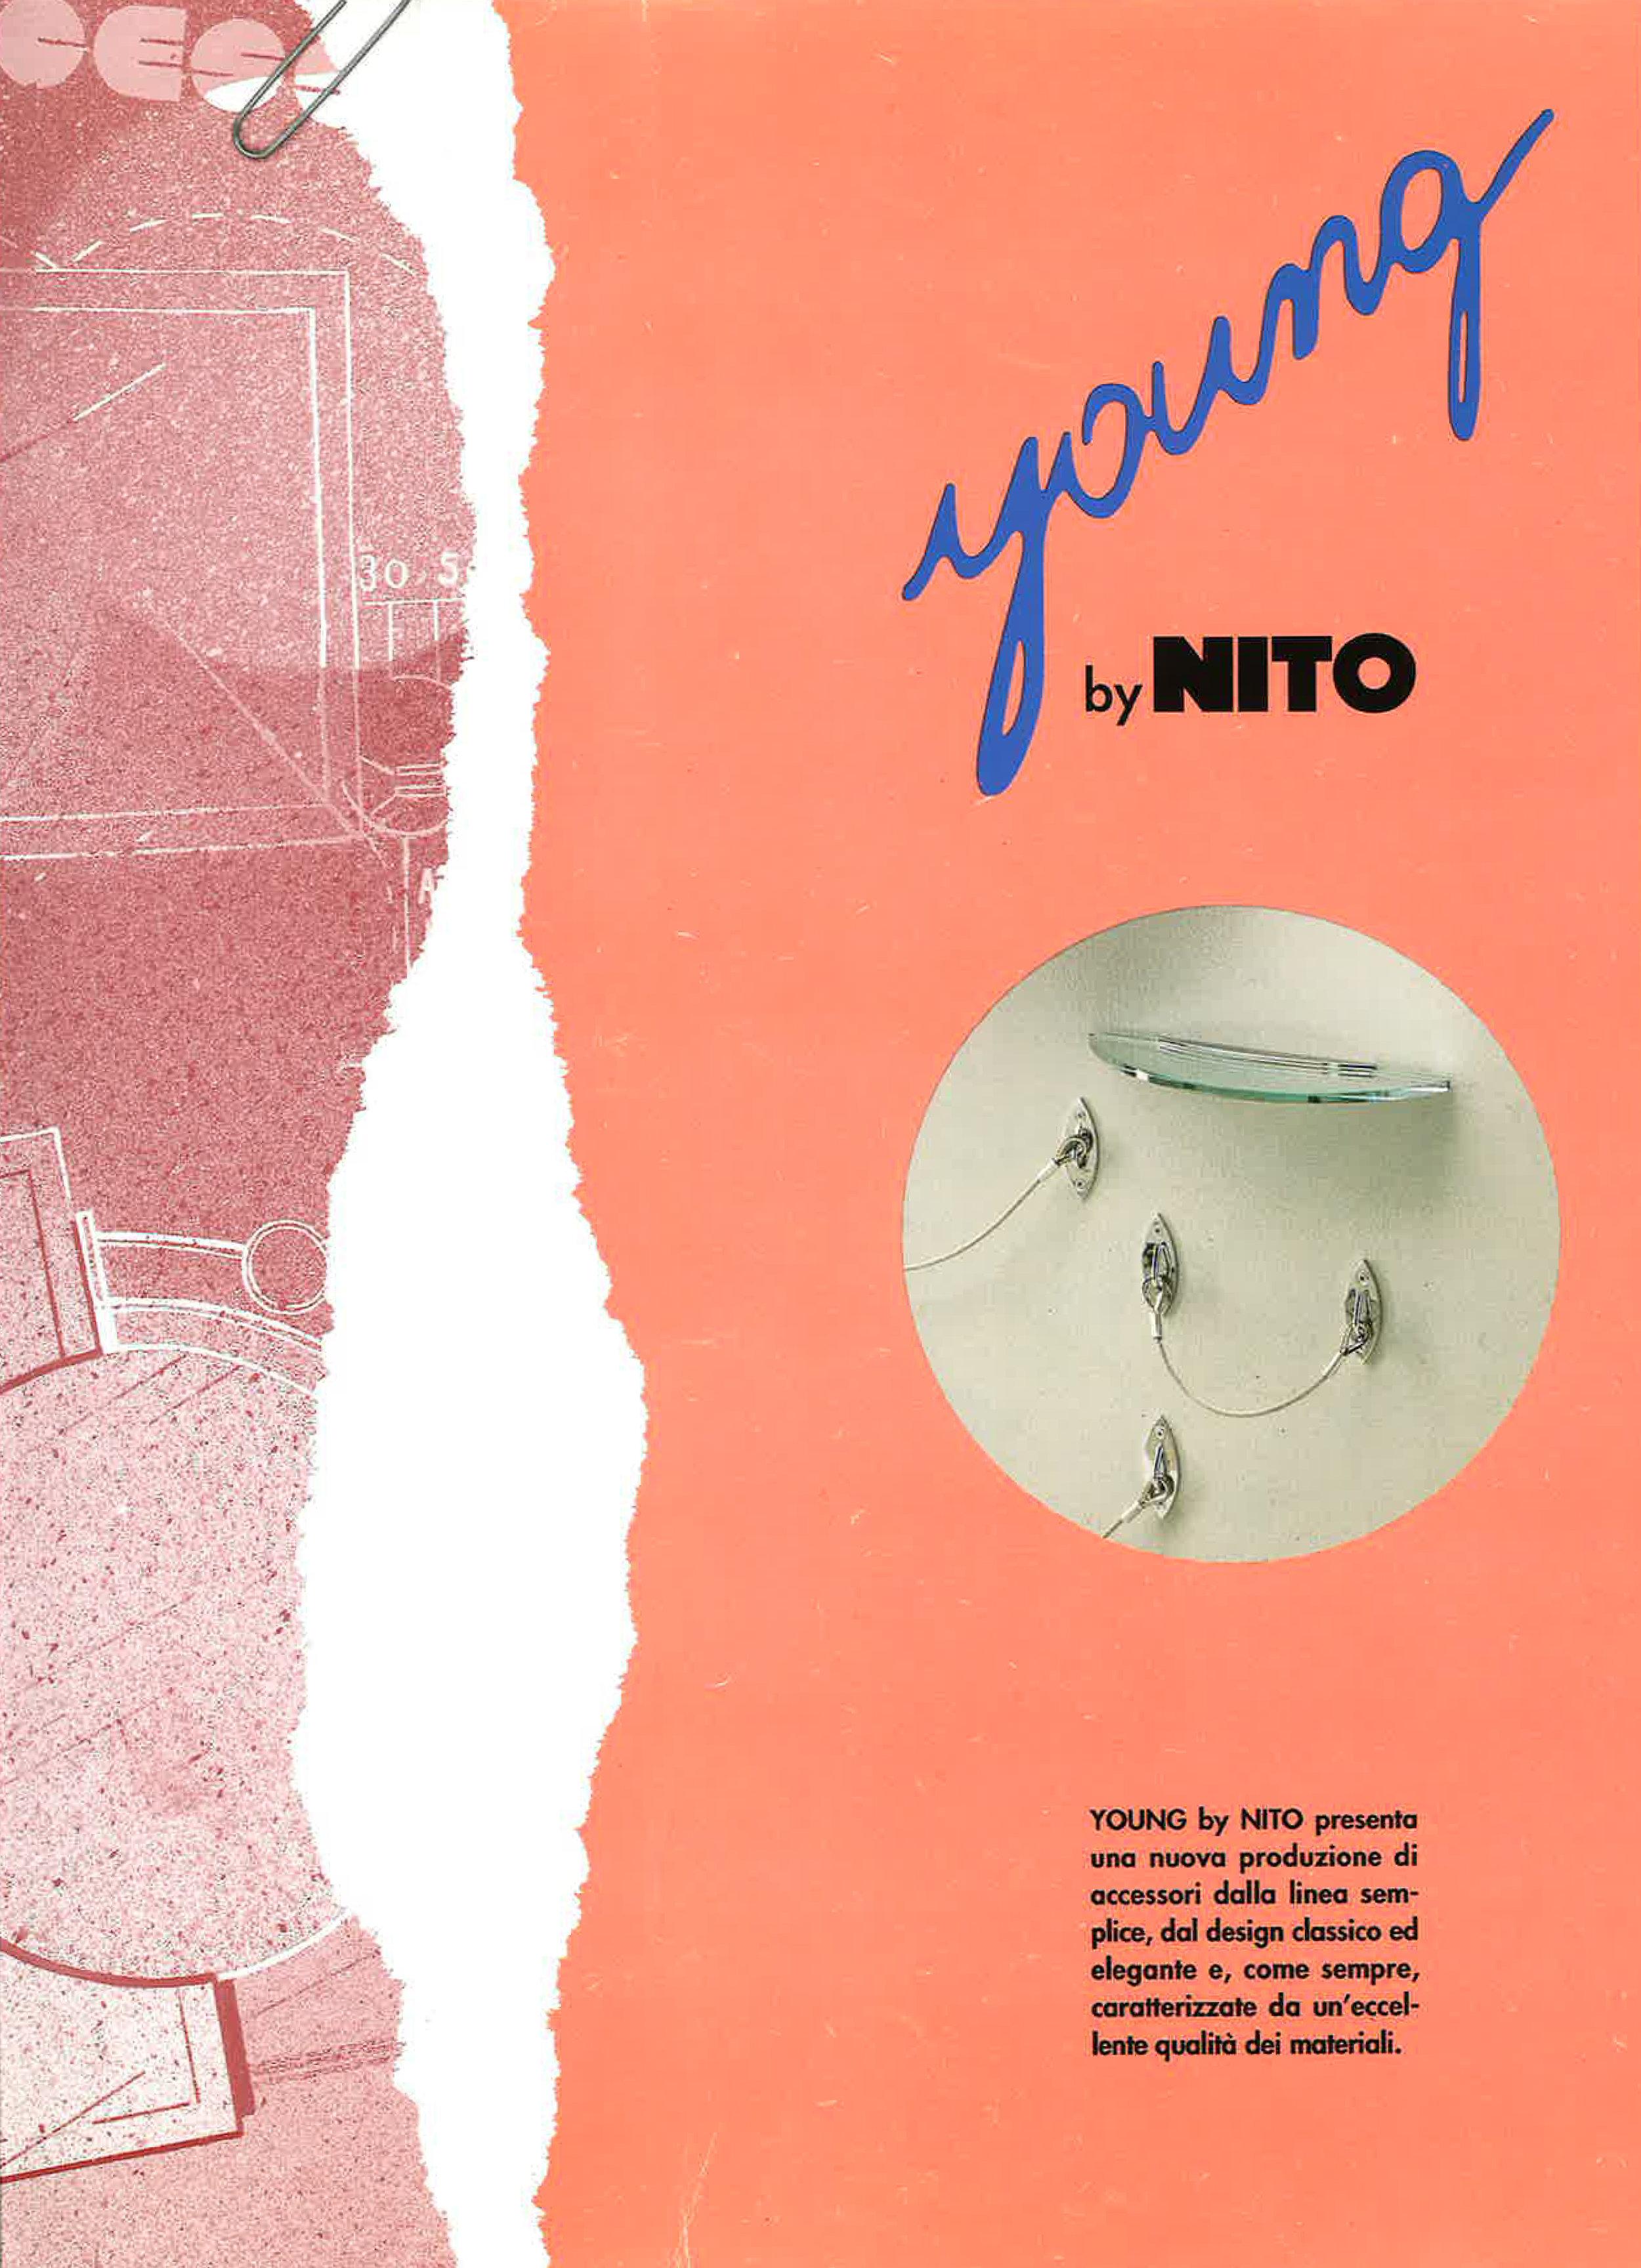 NITO catalog image of Venezia bath accessories range